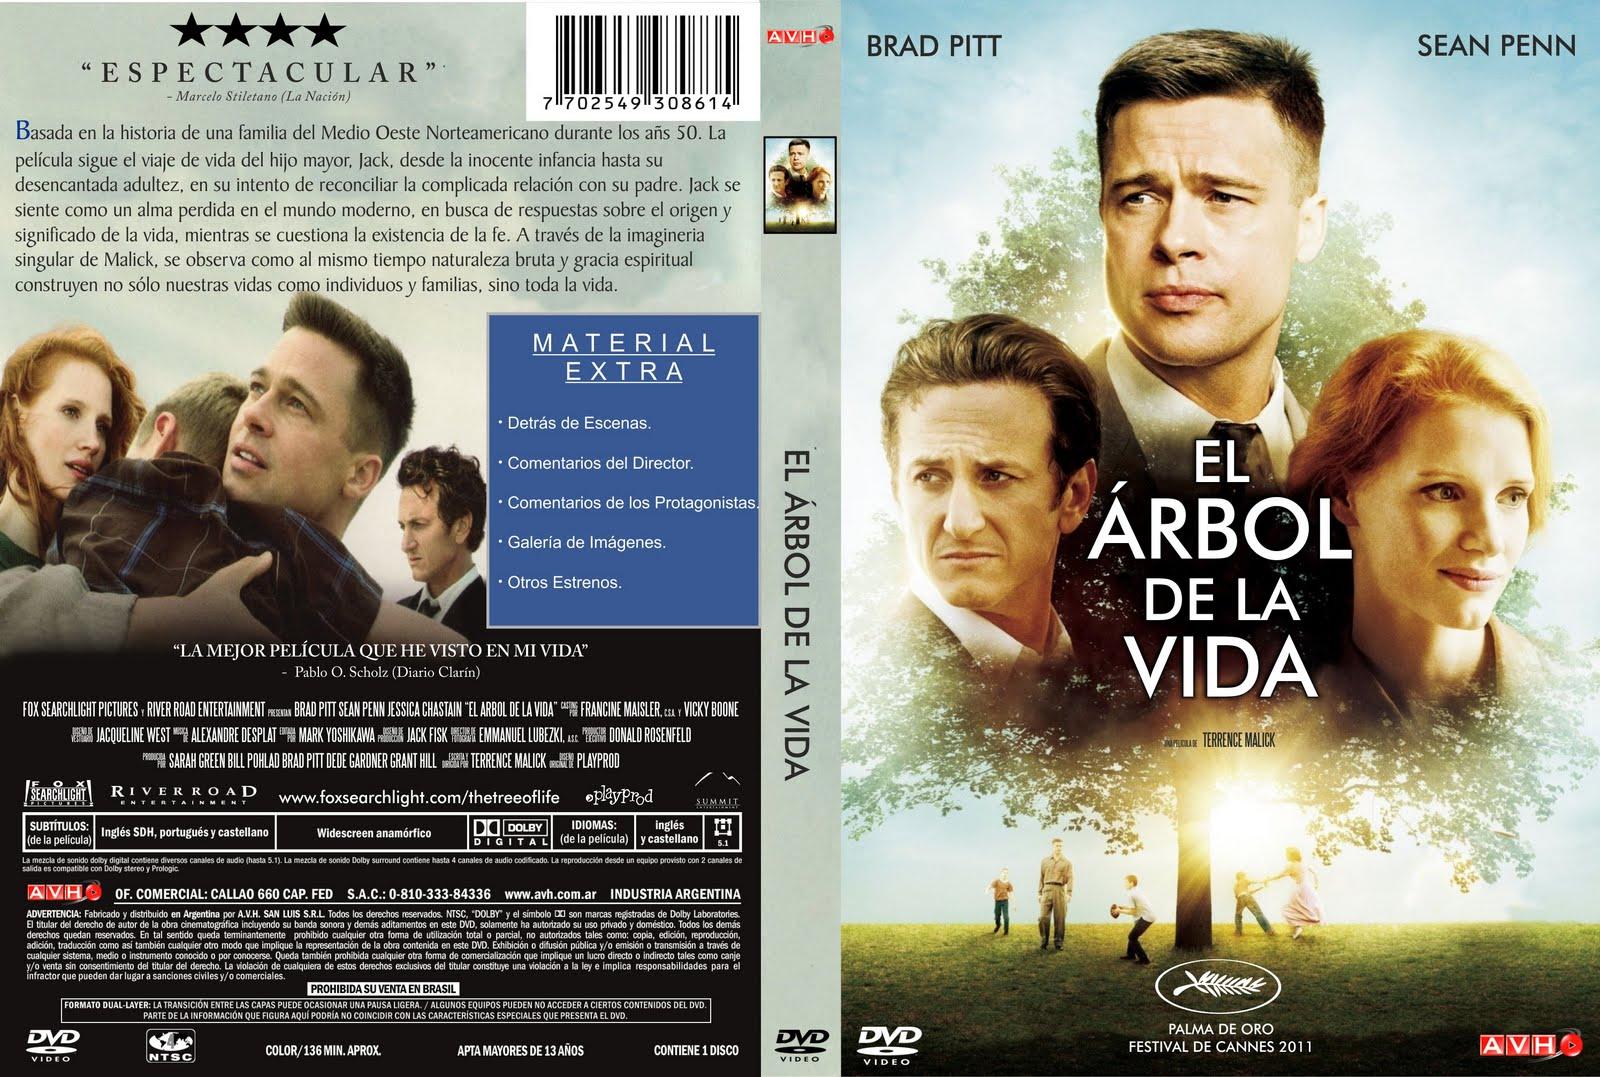 http://4.bp.blogspot.com/--sThxDdqsoQ/TtNAORU5edI/AAAAAAAAB7k/PJEaSRQdk_A/s1600/el_arbol_de_la_vida_dvd.jpg